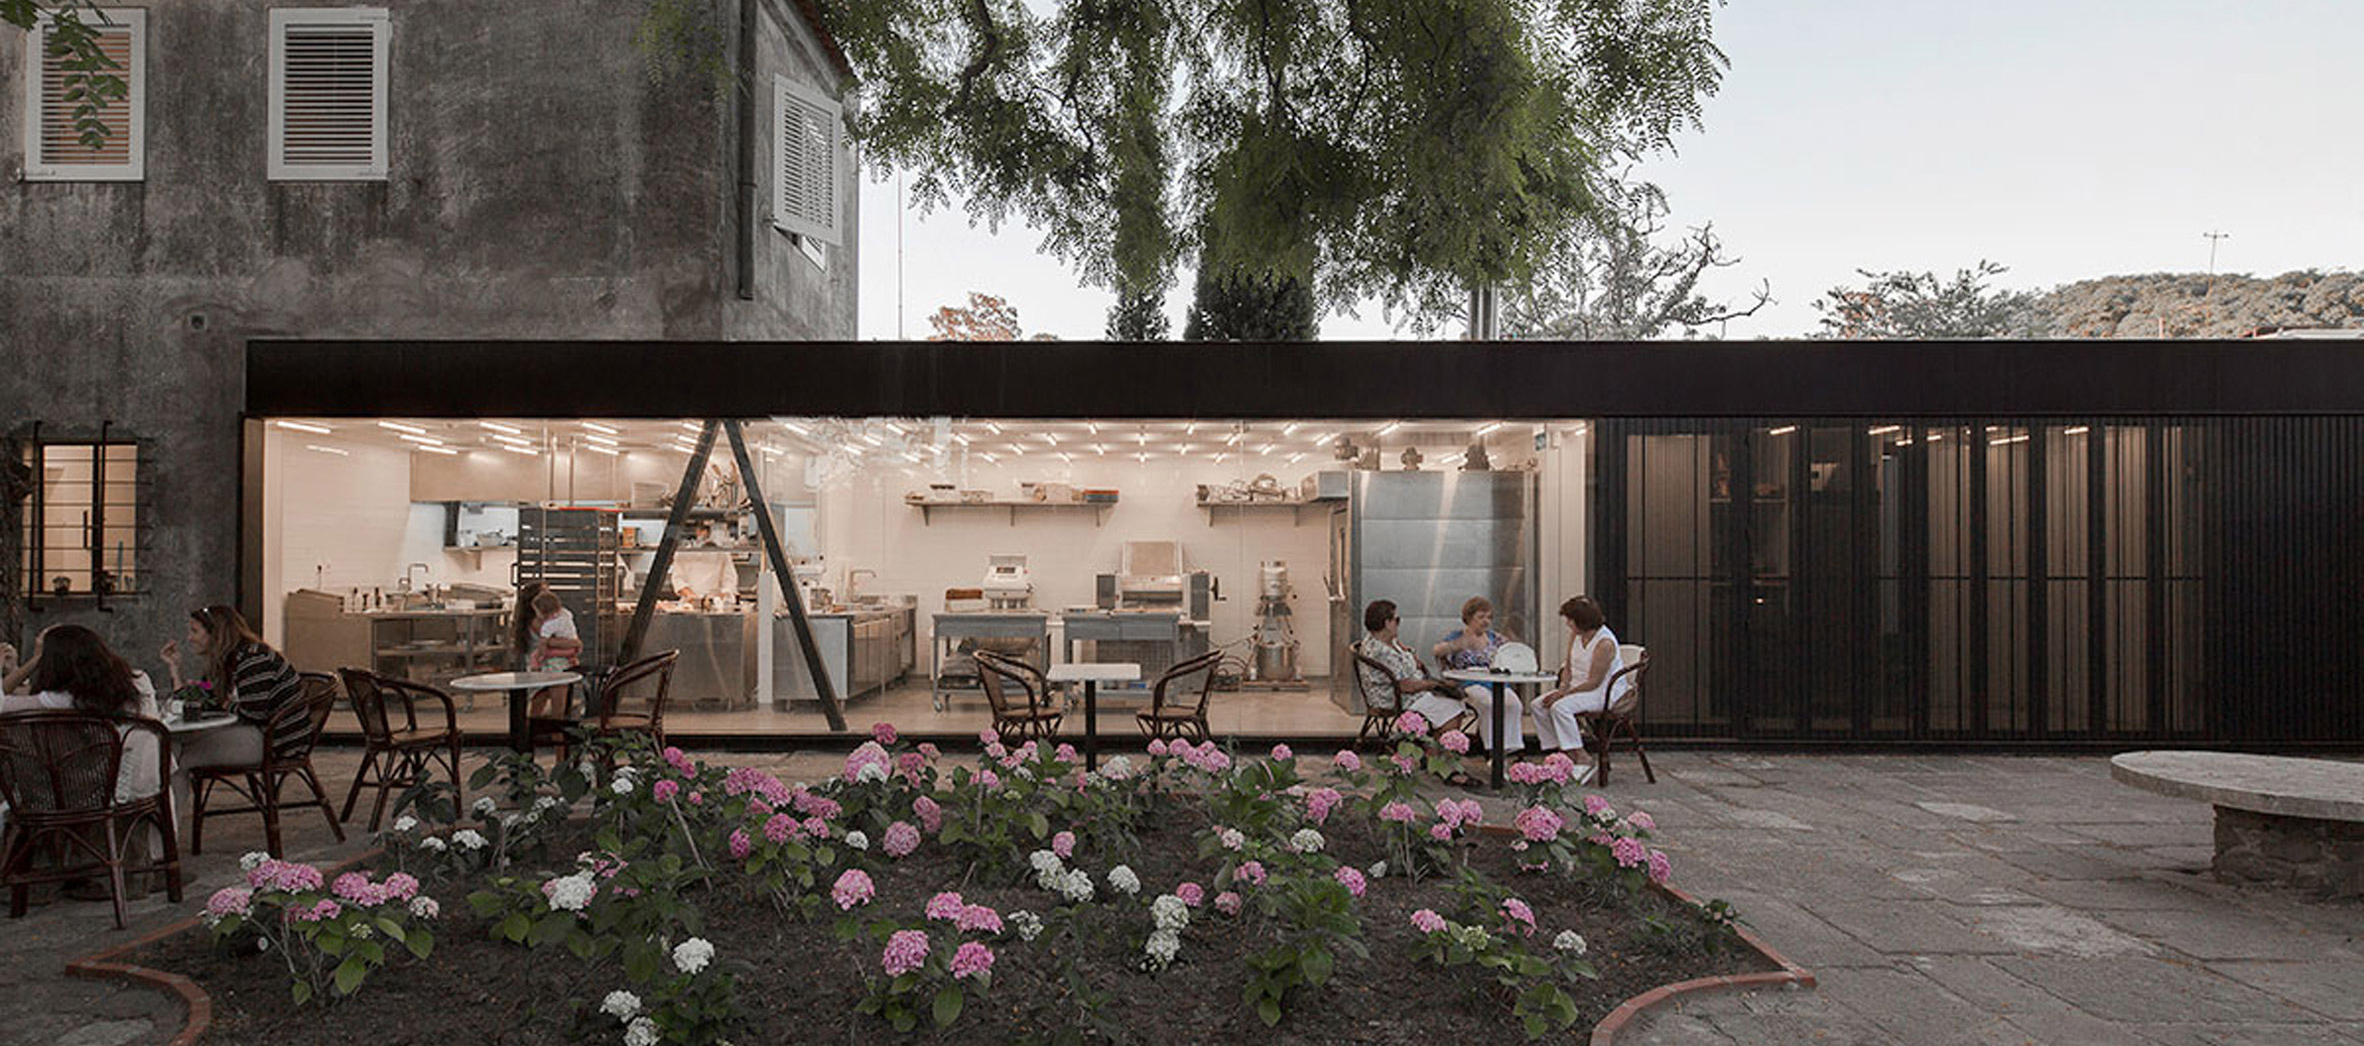 Vista exterior. Panadería La Linda en Carrasco por Pedro Livni Architect. Fotografía © Pablo Casals Aguirre